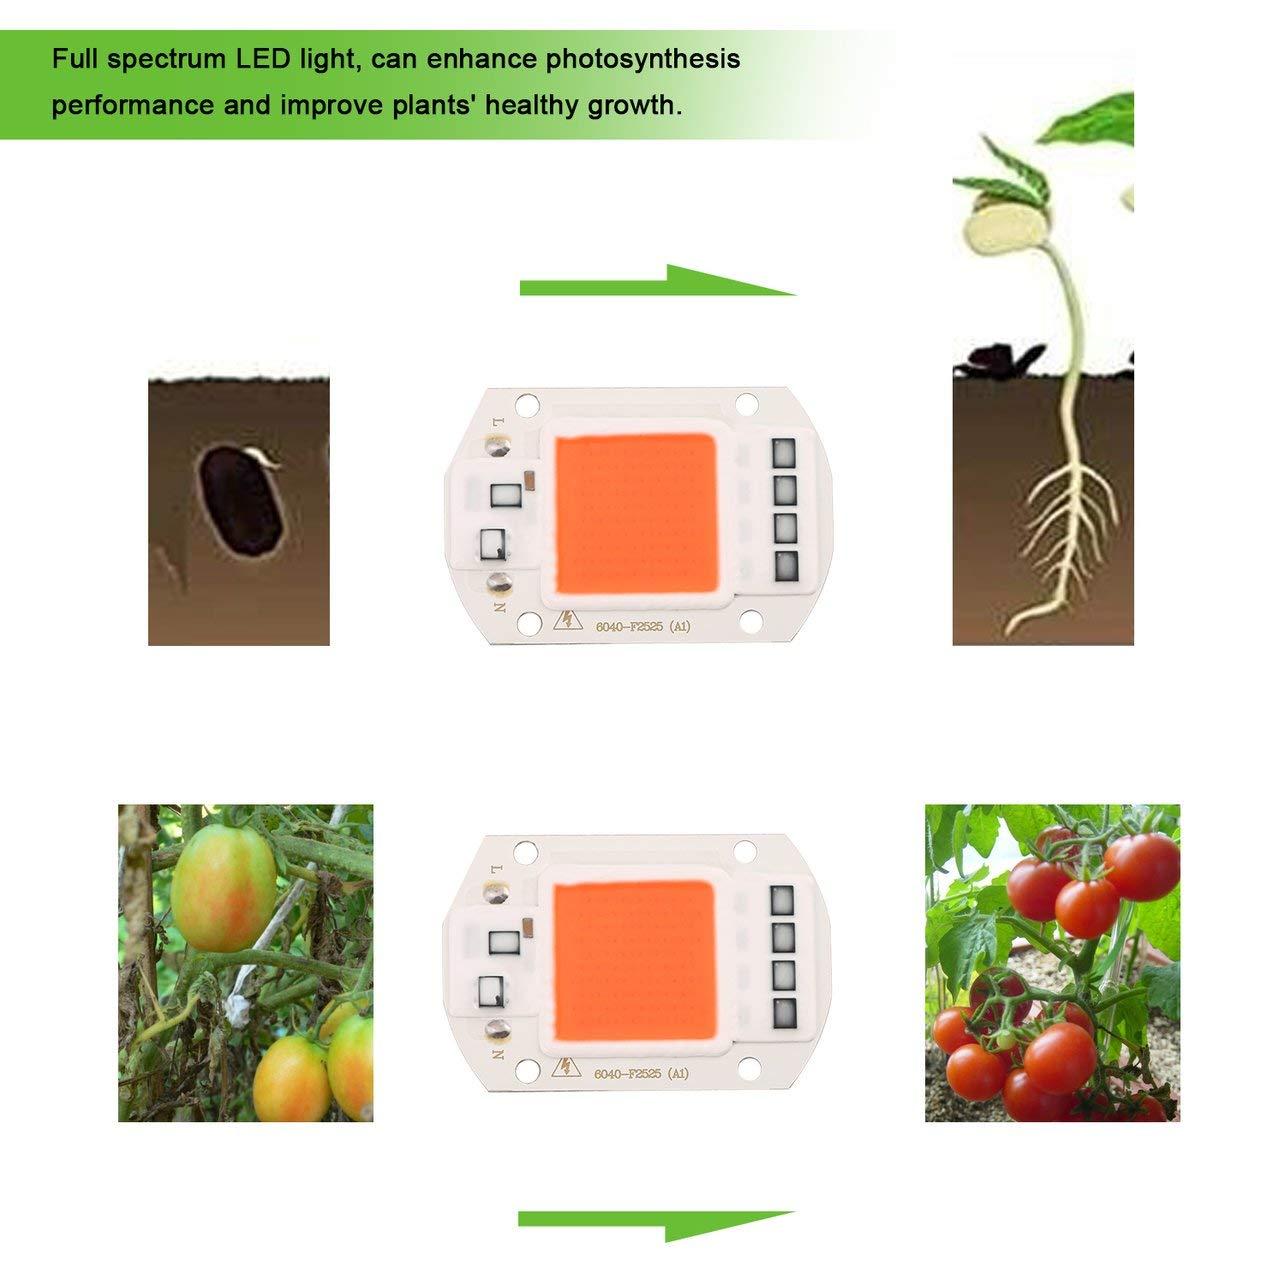 WOSOSYEYO 50W LED wachsen Licht volles Spektrum Led COB Zimmerpflanze wachsen Licht f/ür Gartengew/ächshaus Wasserkultur 380NM-840NM 50000H